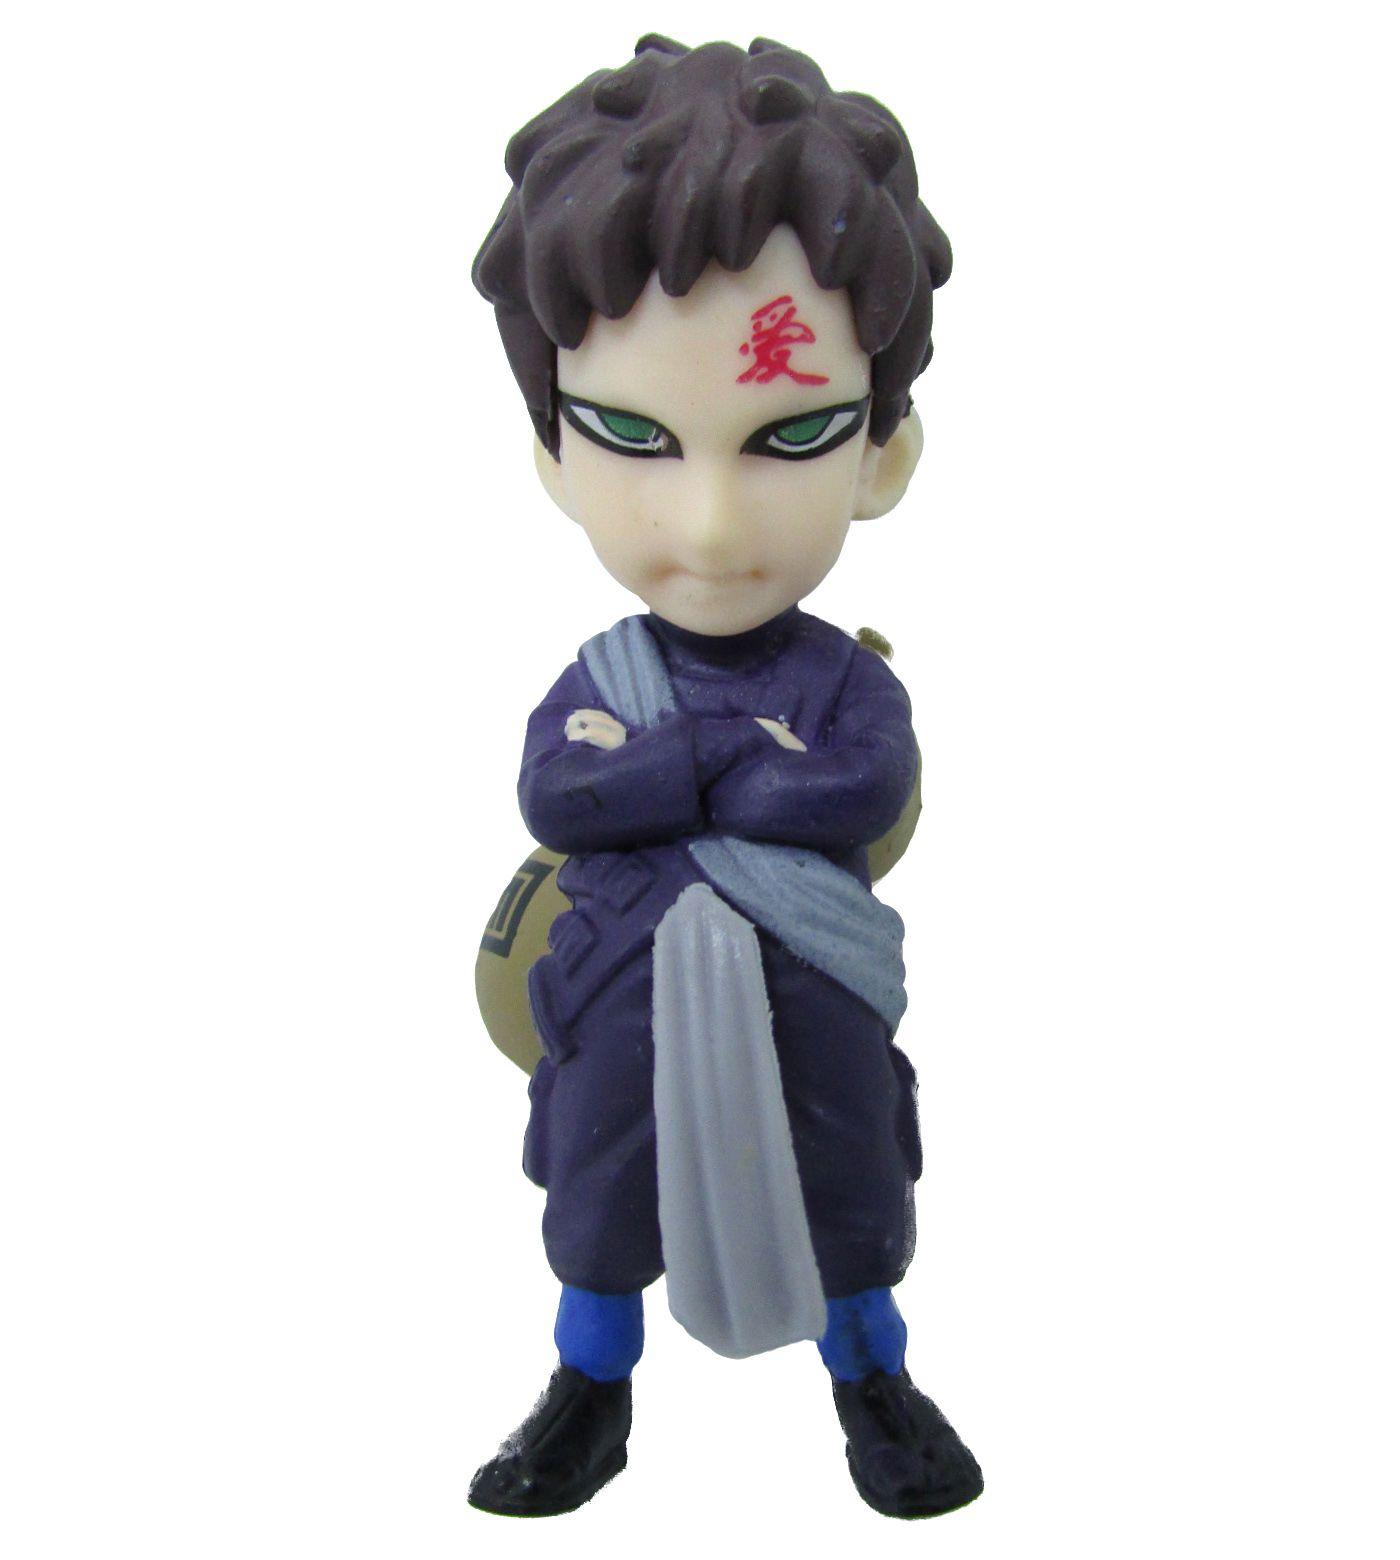 Boneco Colecionável Naruto Miniatura 8,5Cm em PVC - Gaara